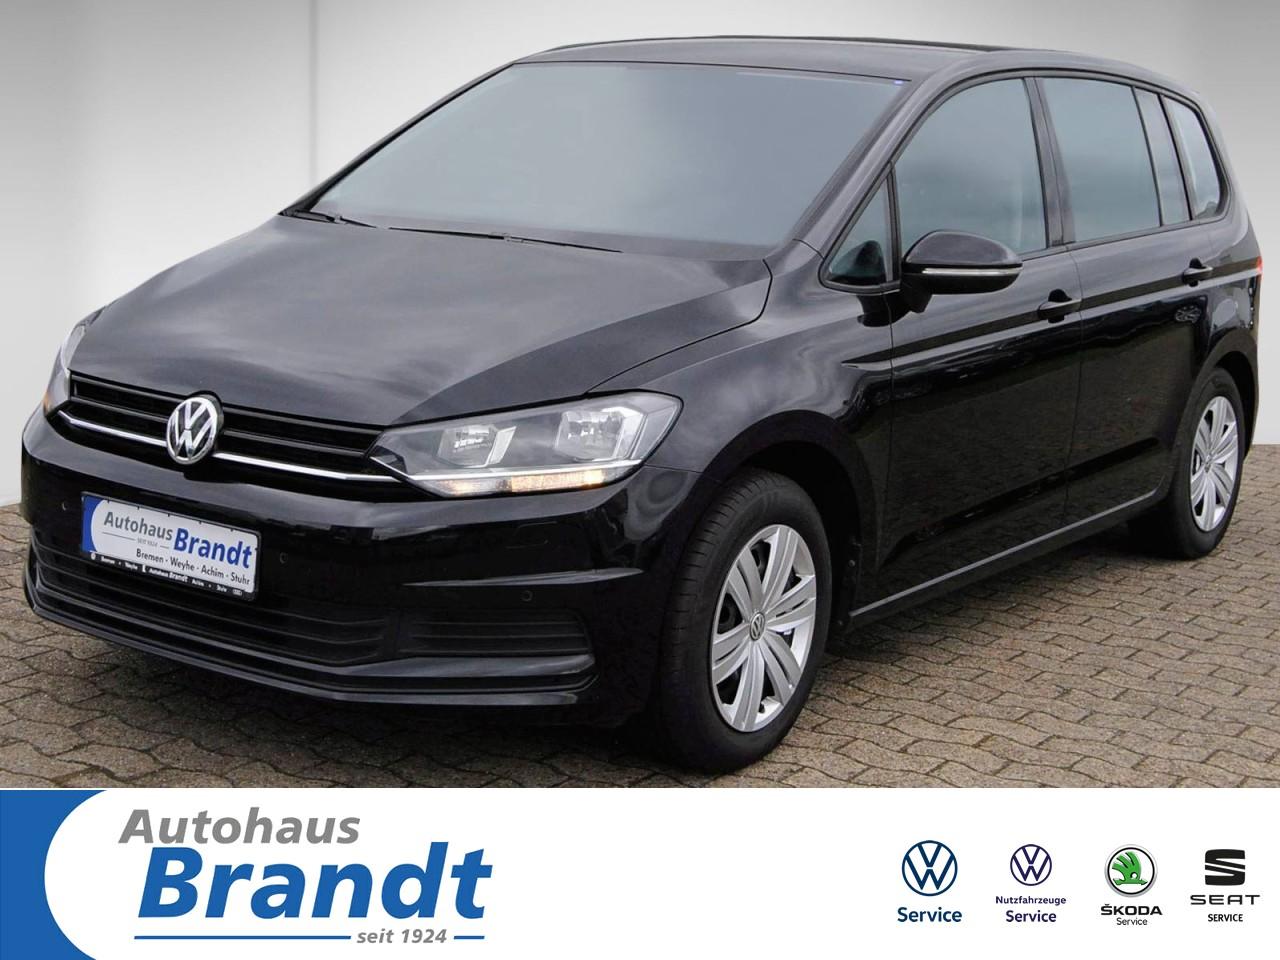 Volkswagen Touran 1.6 TDI NAVI*CLIMATRONIC*PDC*SHZ Klima, Jahr 2016, Diesel